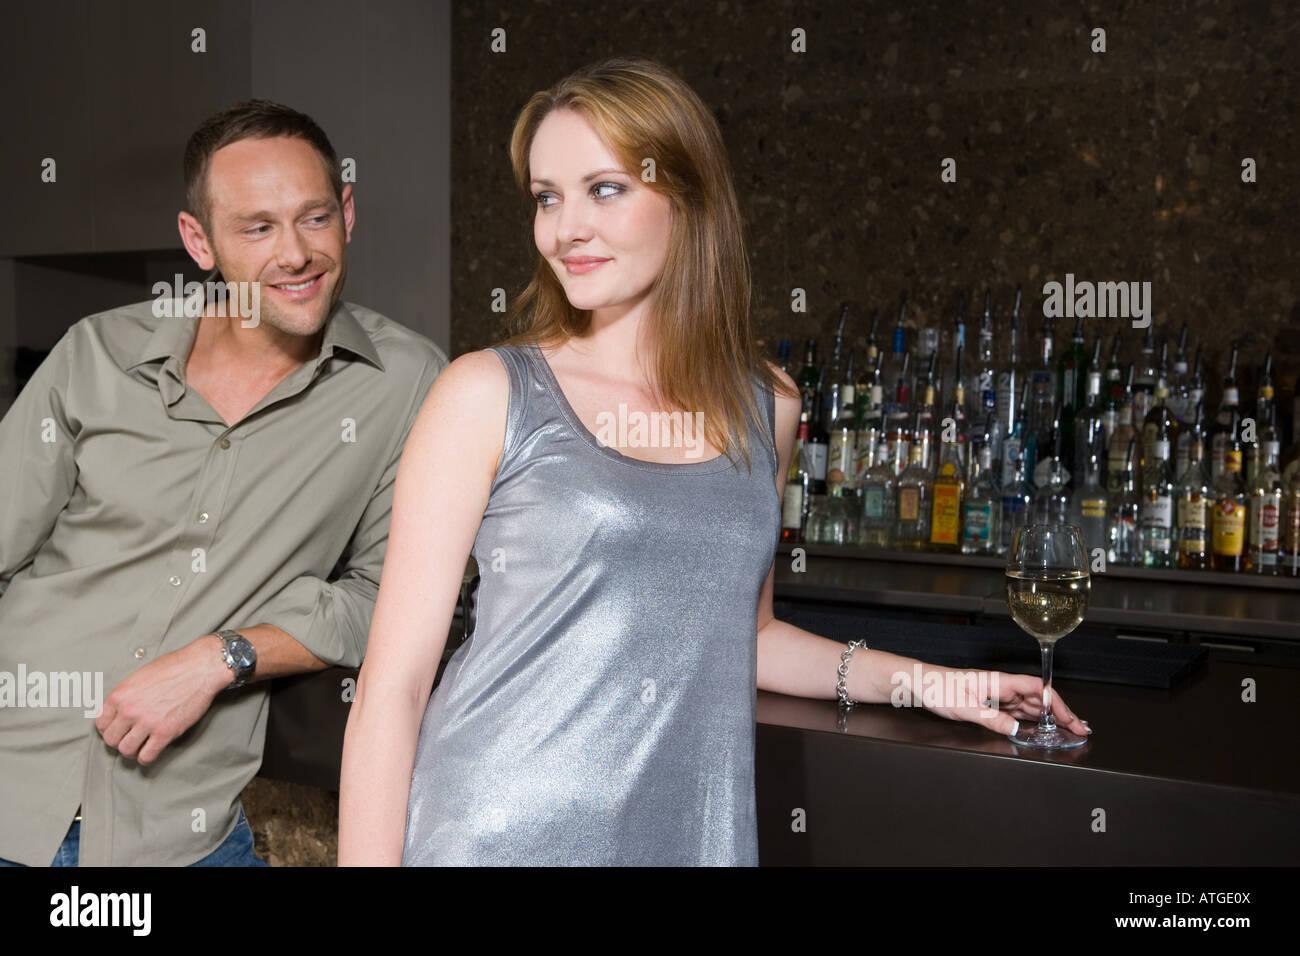 Par el coqueteo en un bar. Foto de stock